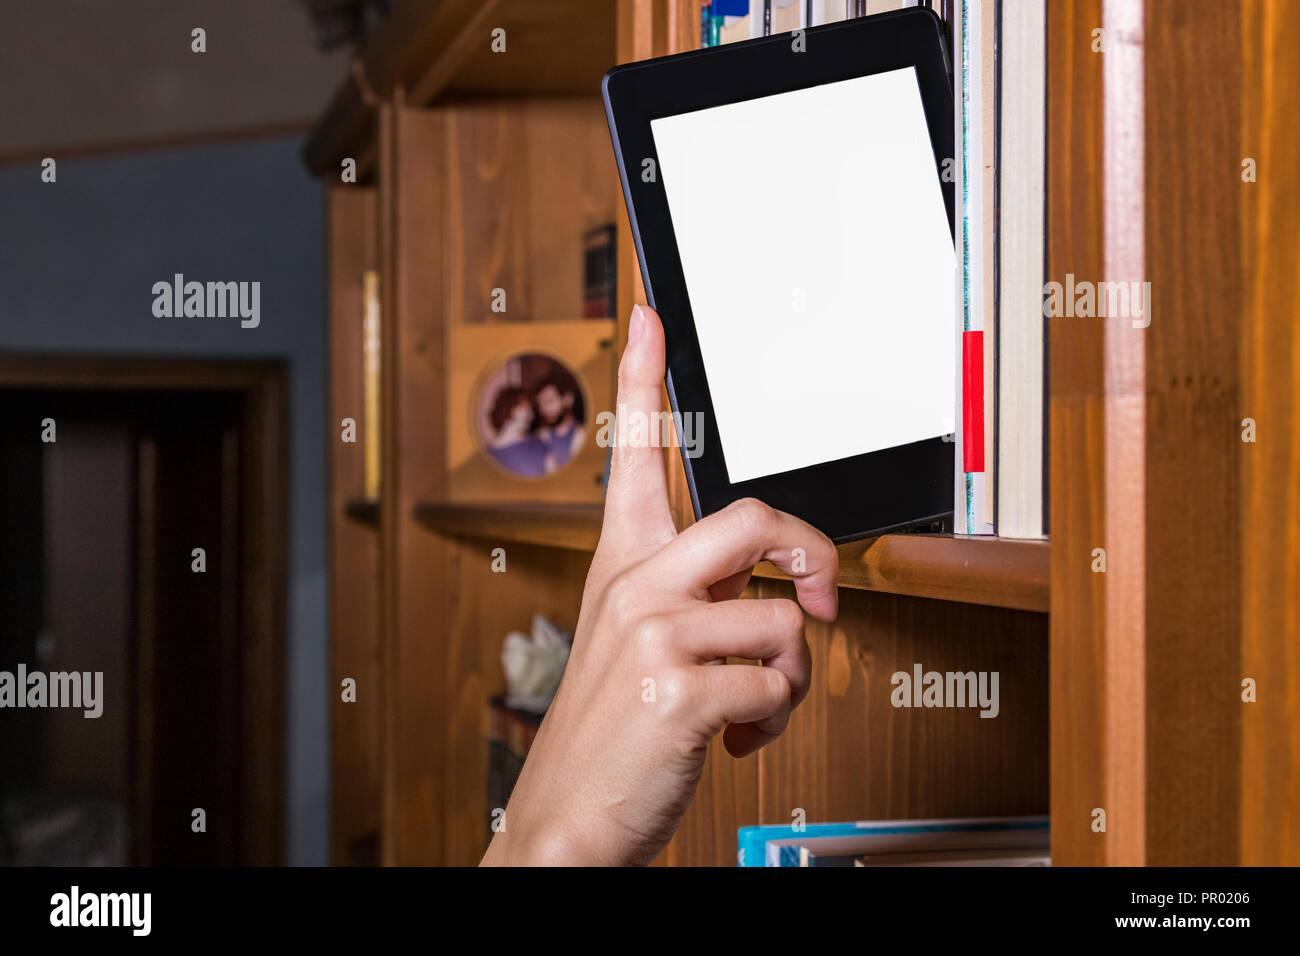 Main femme choisissant e reader parmi les livres sur une étagère Photo Stock